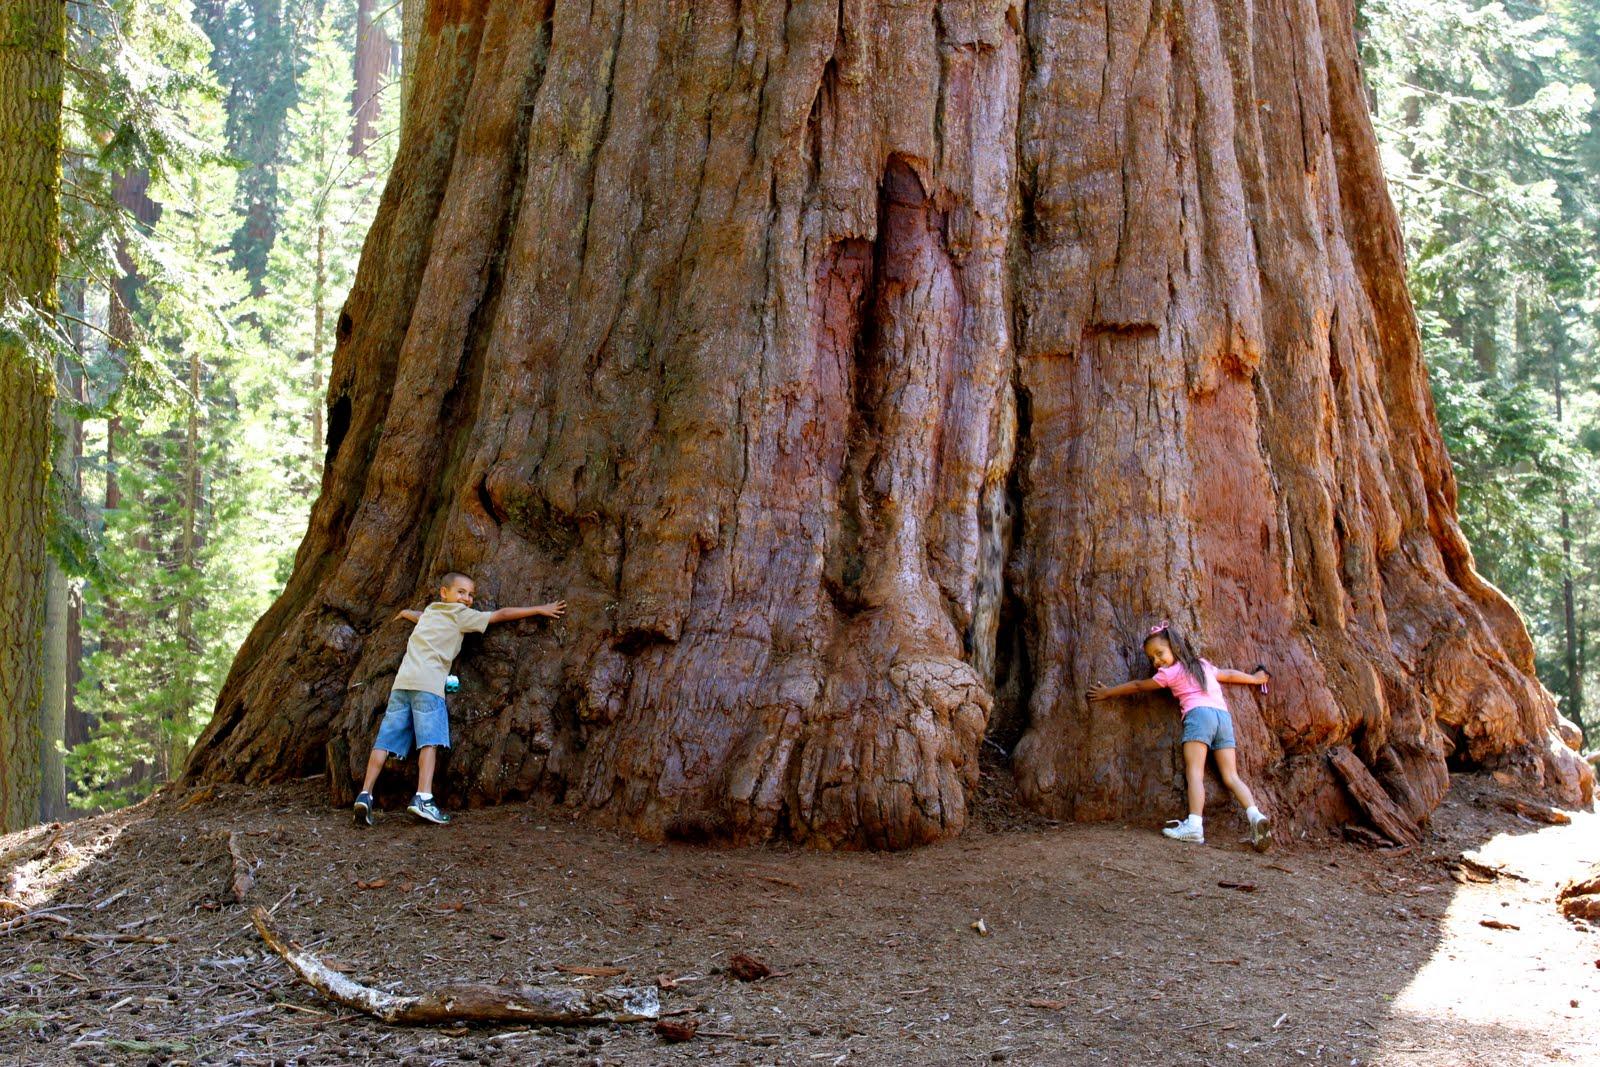 без гигантские деревья фото перенести фото